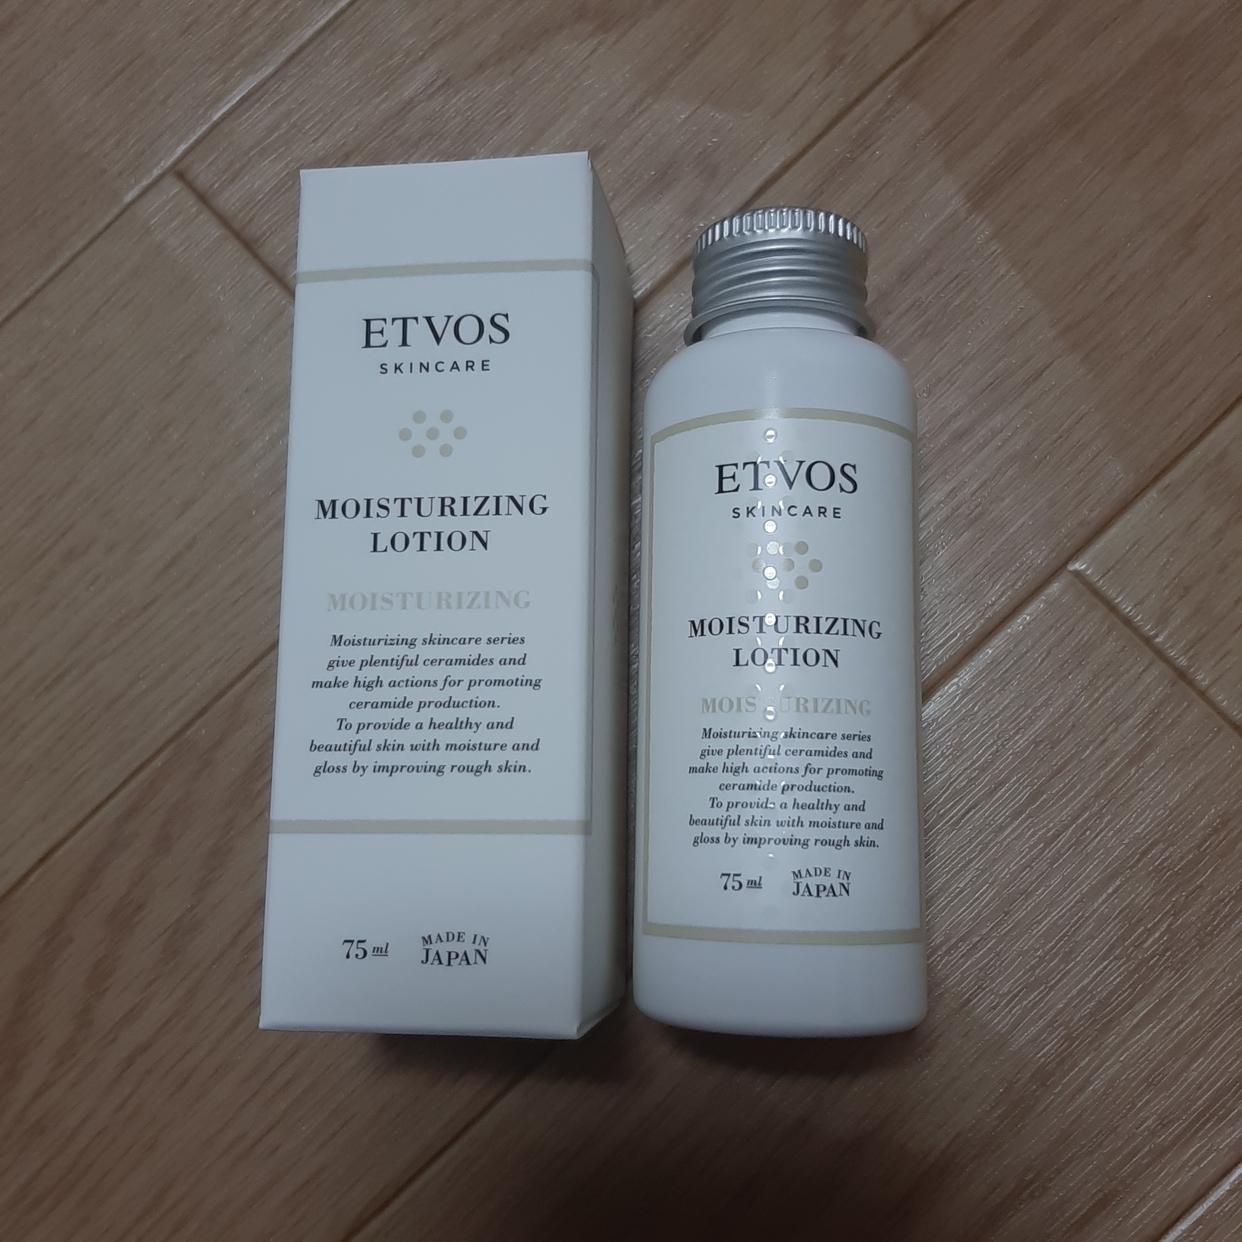 ETVOS(エトヴォス) モイスチャライジングローションを使ったゆうぽんさんのクチコミ画像1